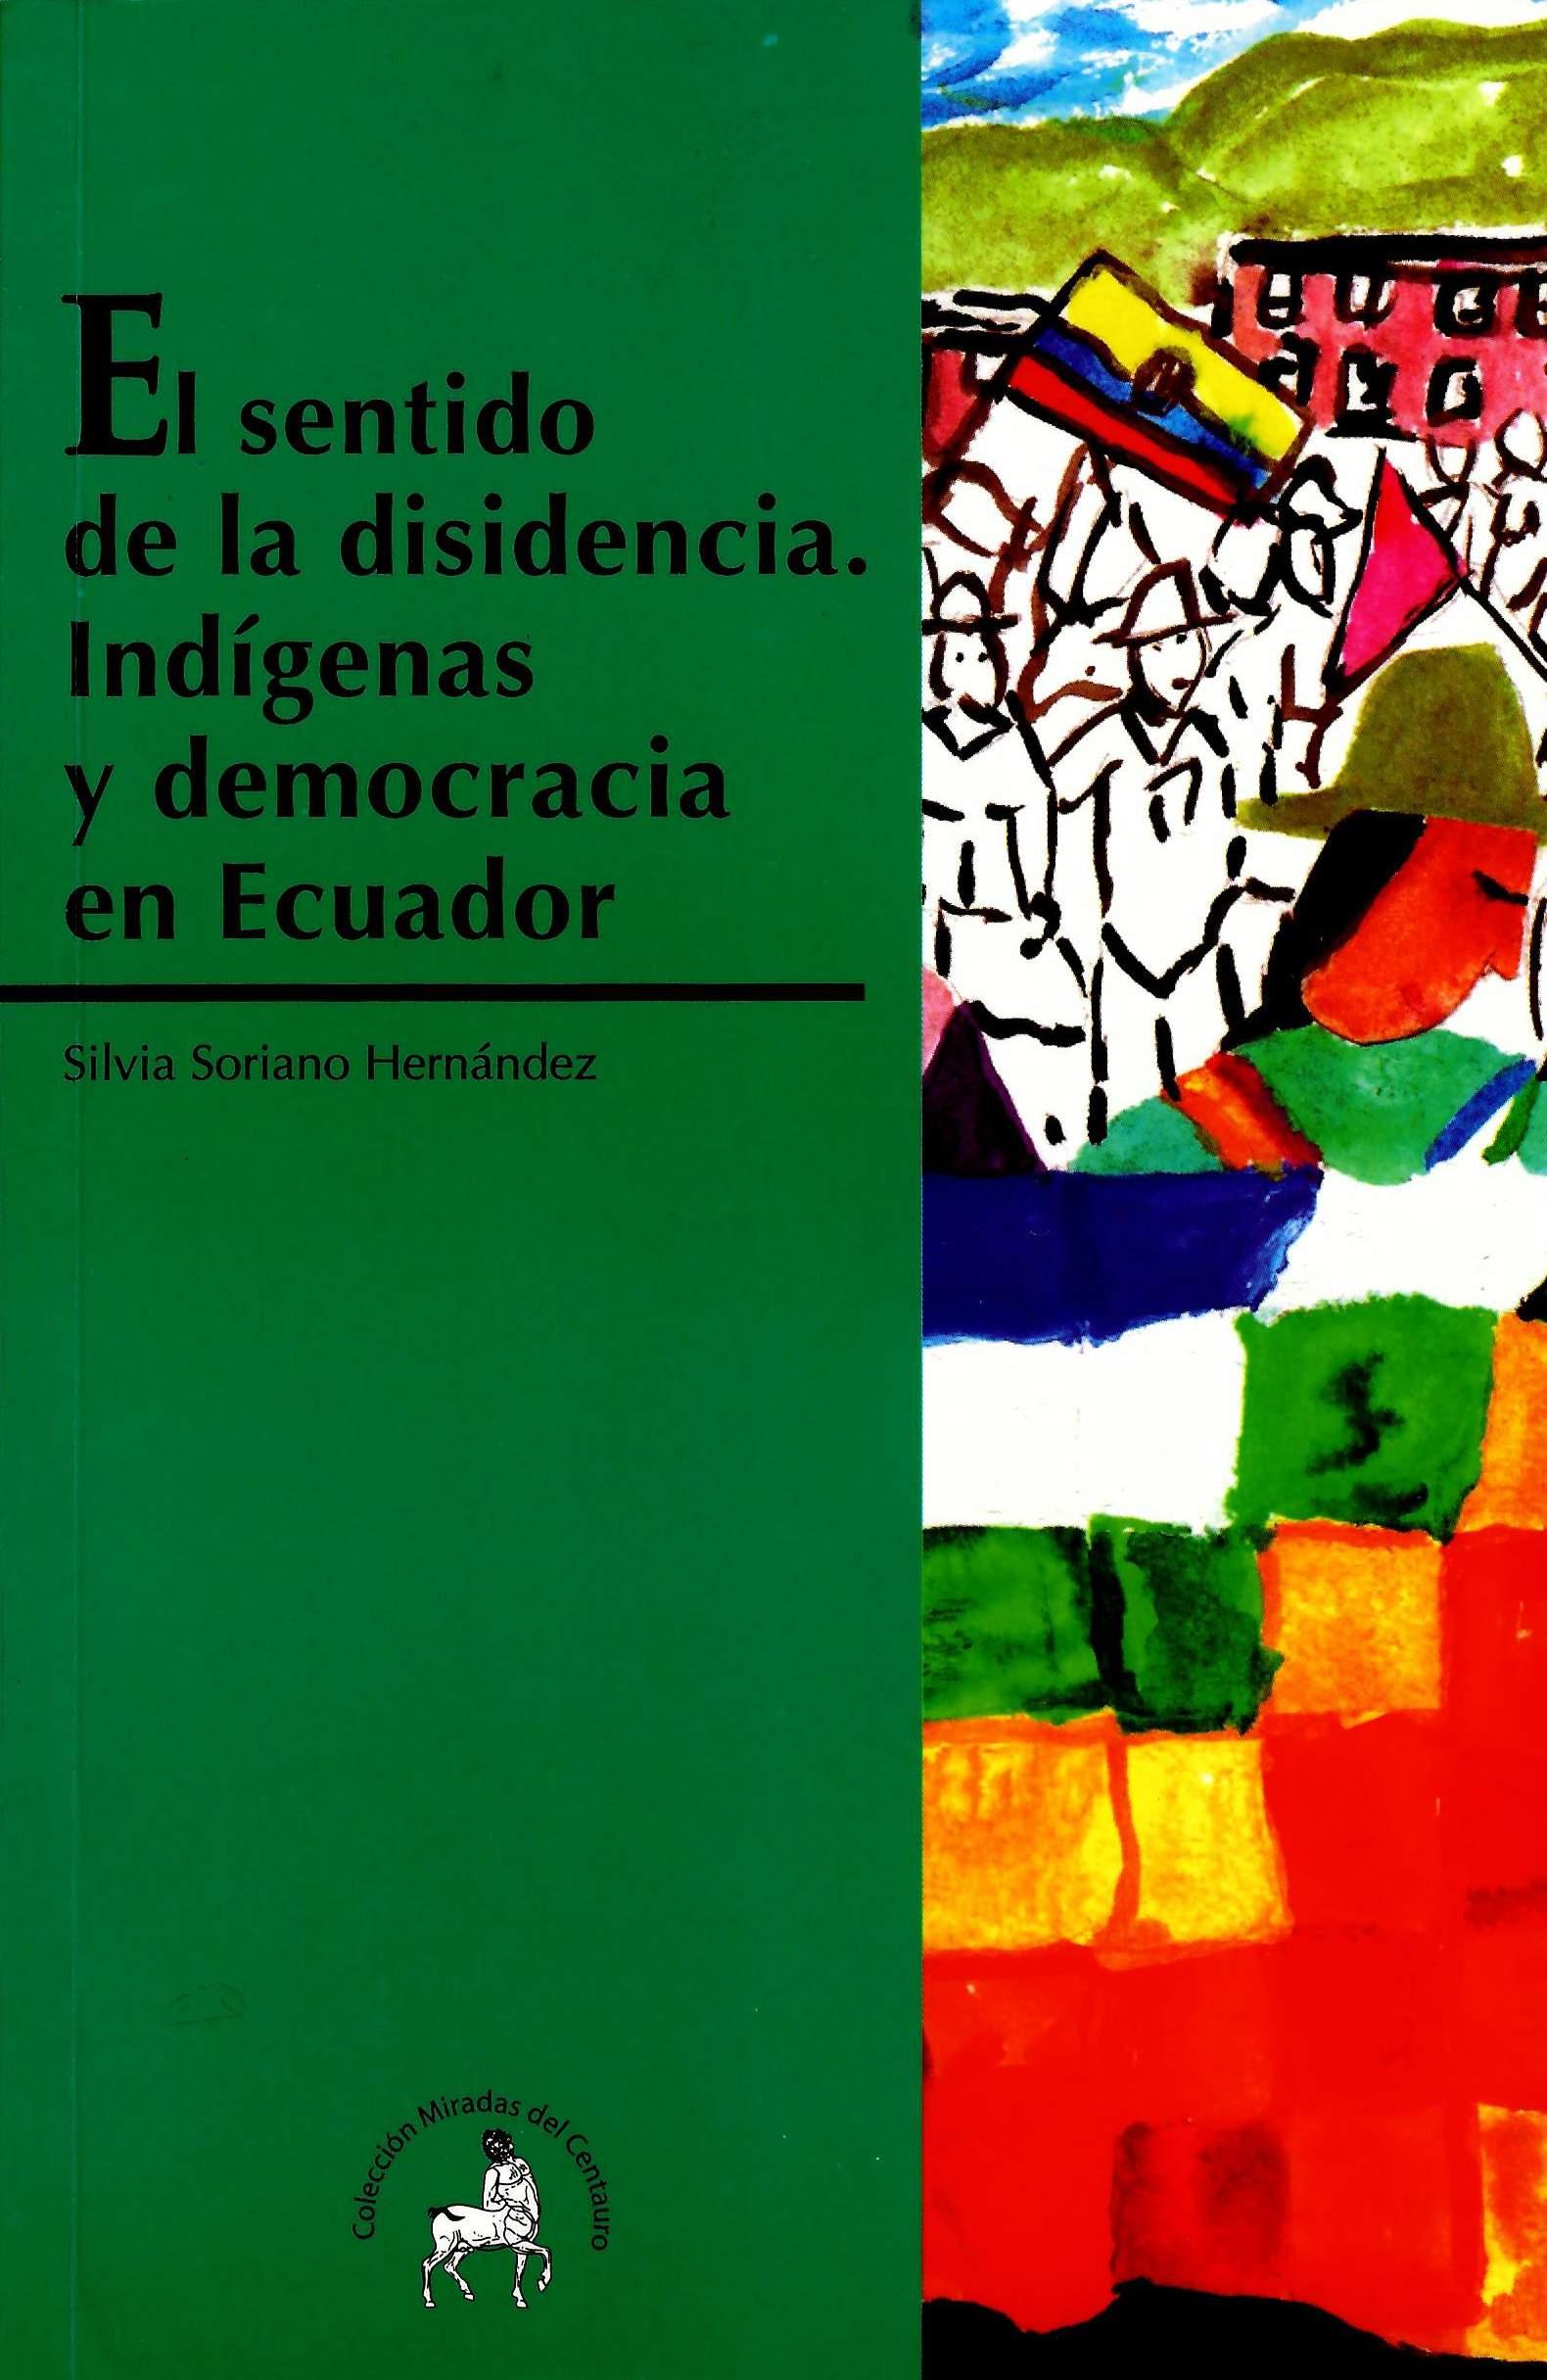 El sentido de la disidencia. Indígenas y democracias en Ecuador